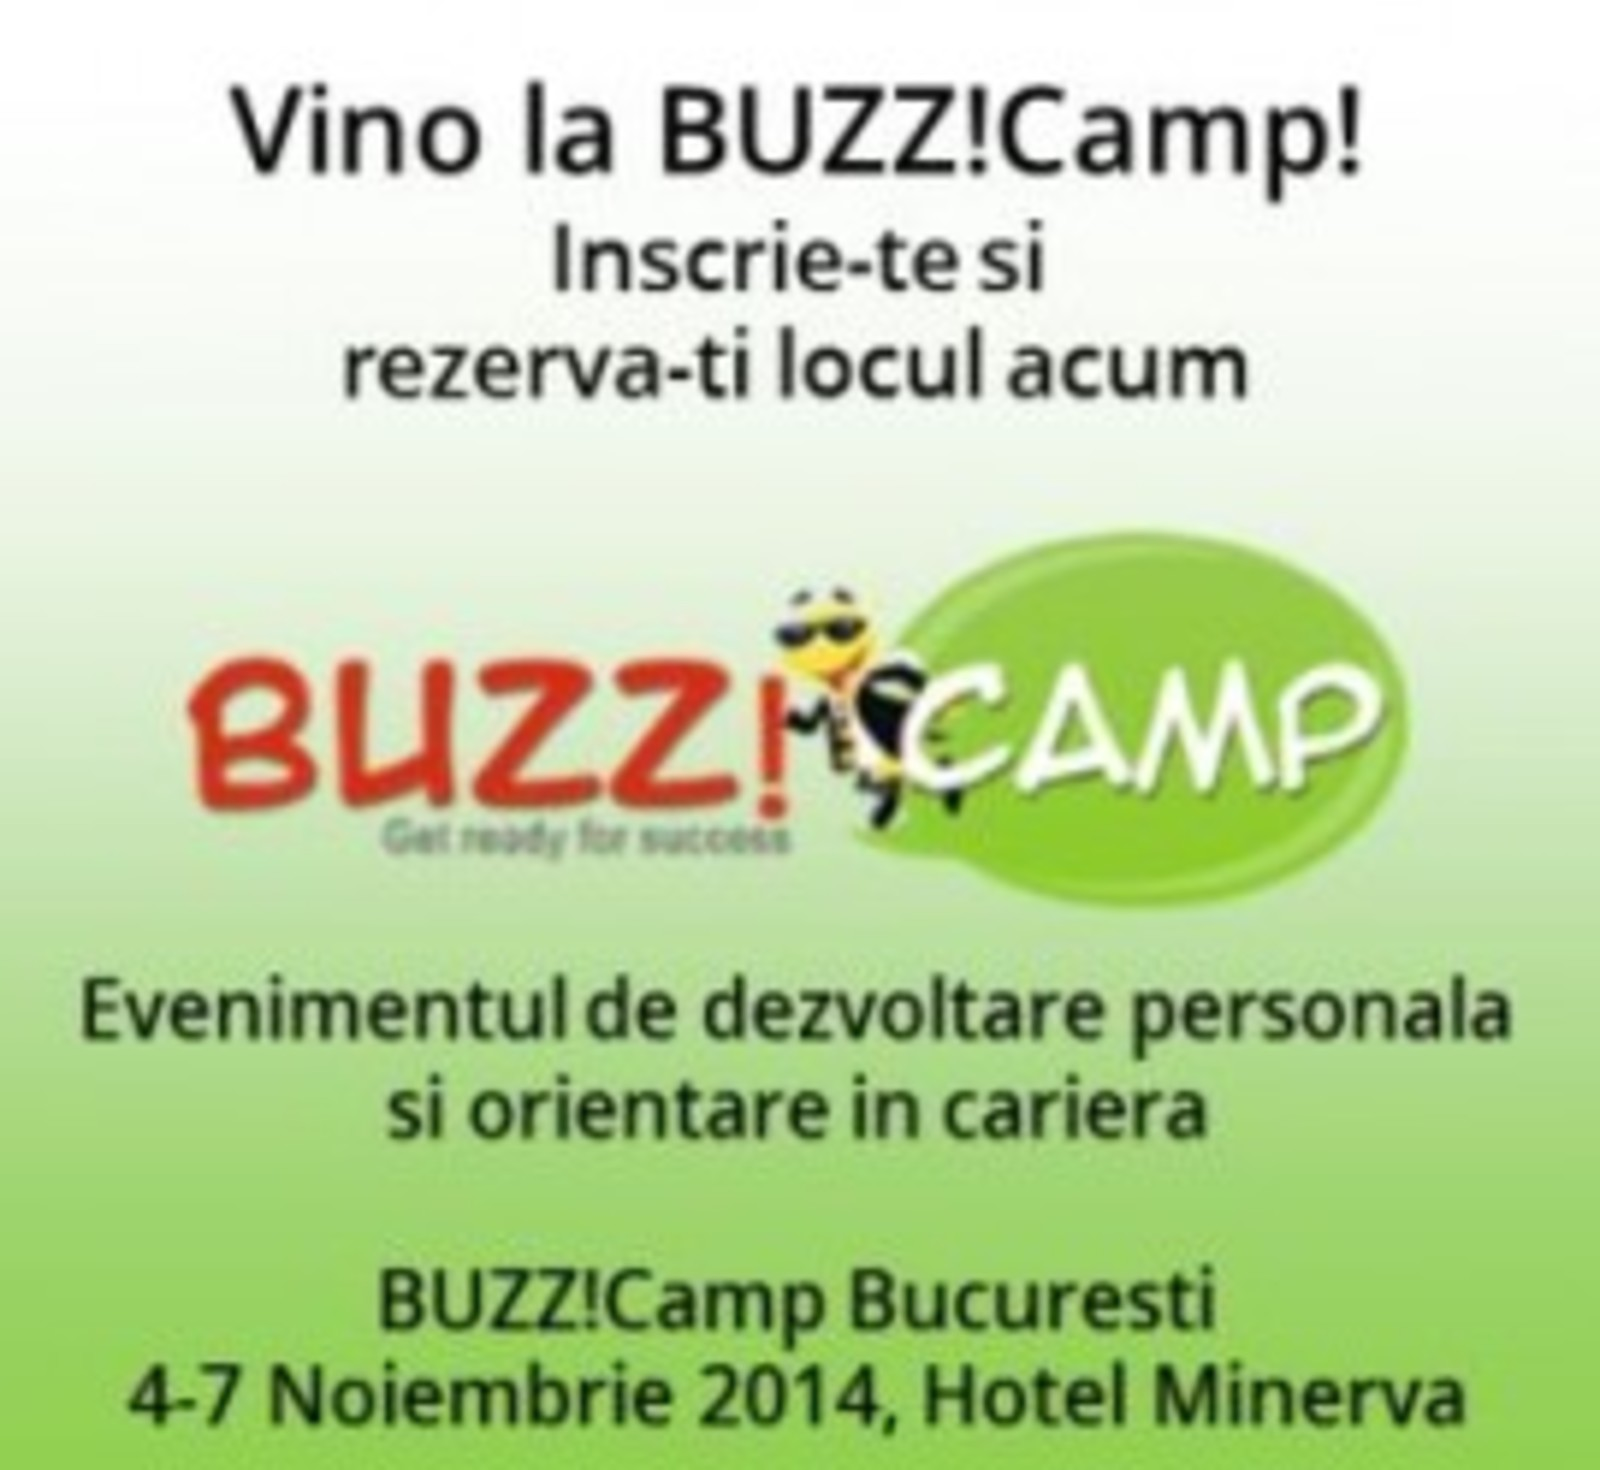 buzzcamp-bucuresti